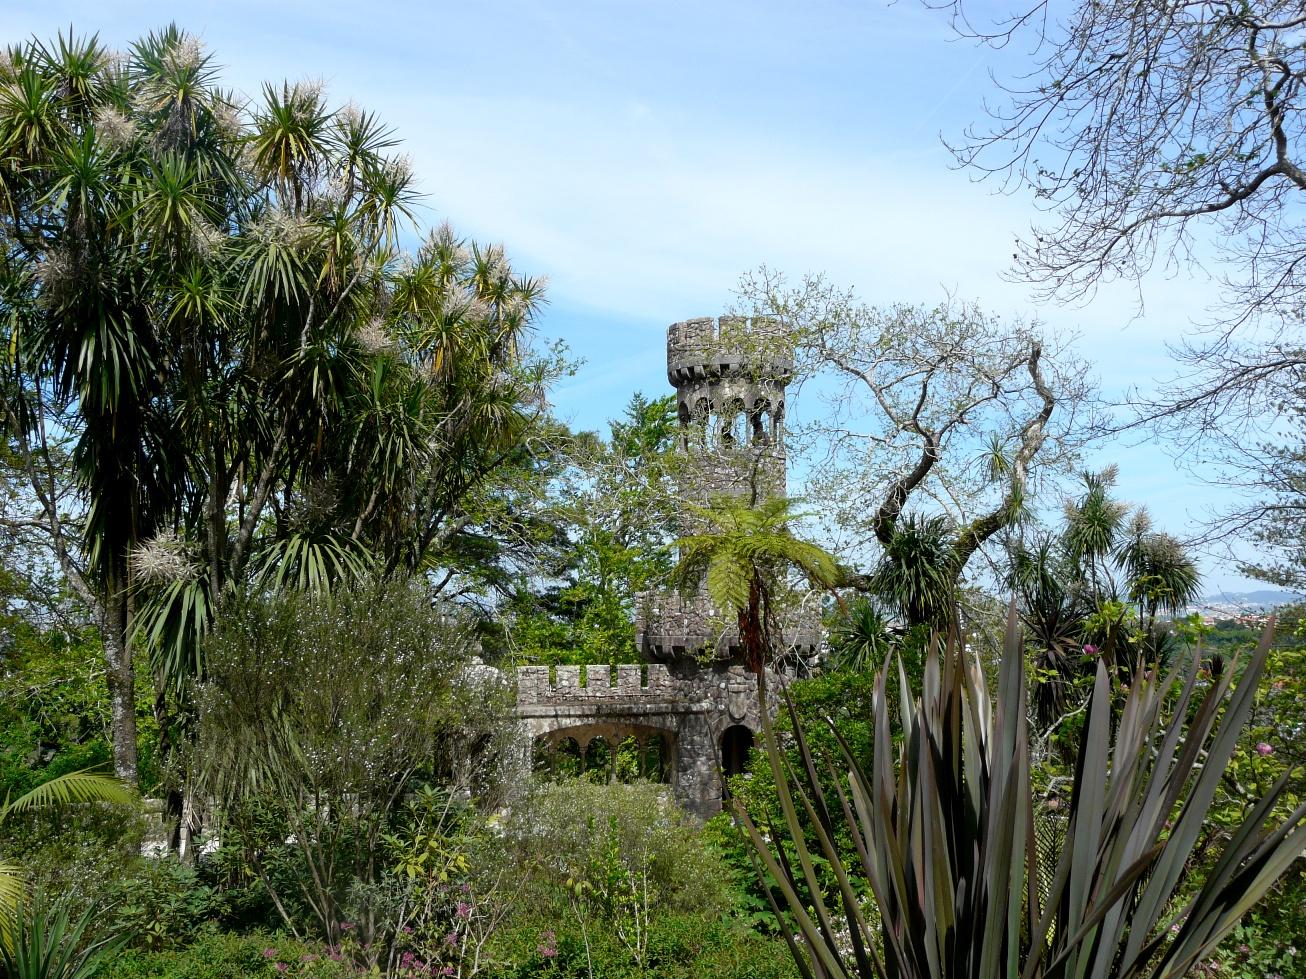 3 Quinta da Regaleira, Sintra, Portugal